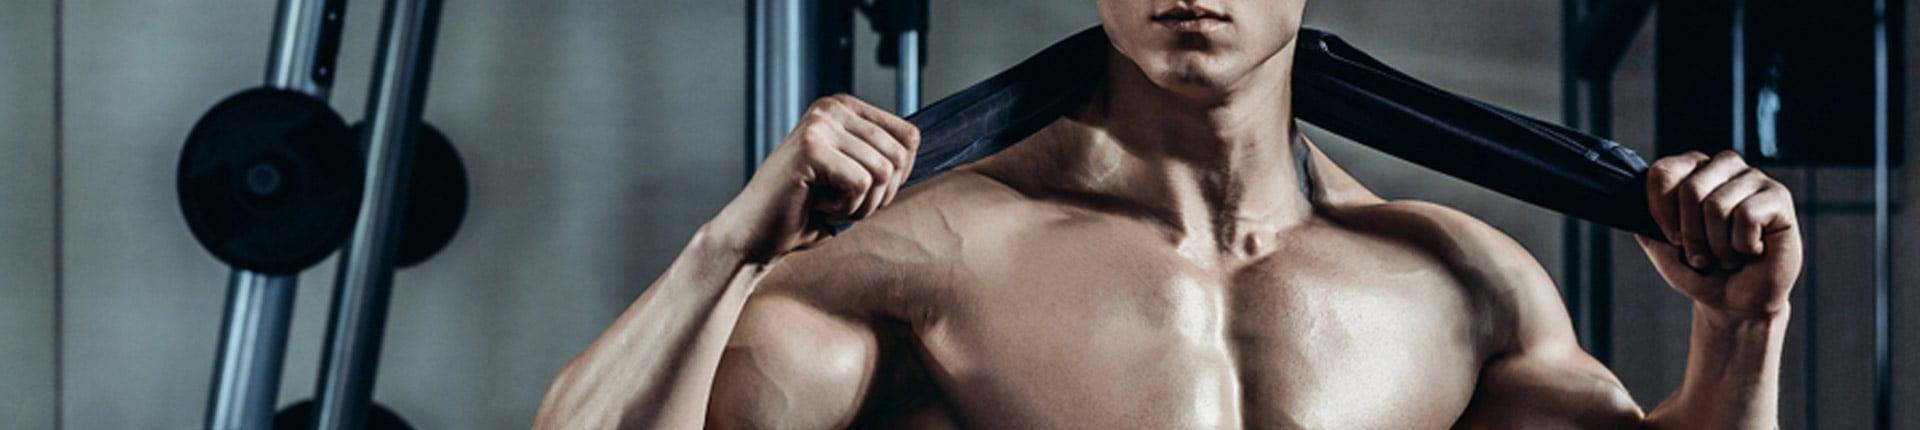 Większa i grubsza szyja - trening mięśni karku